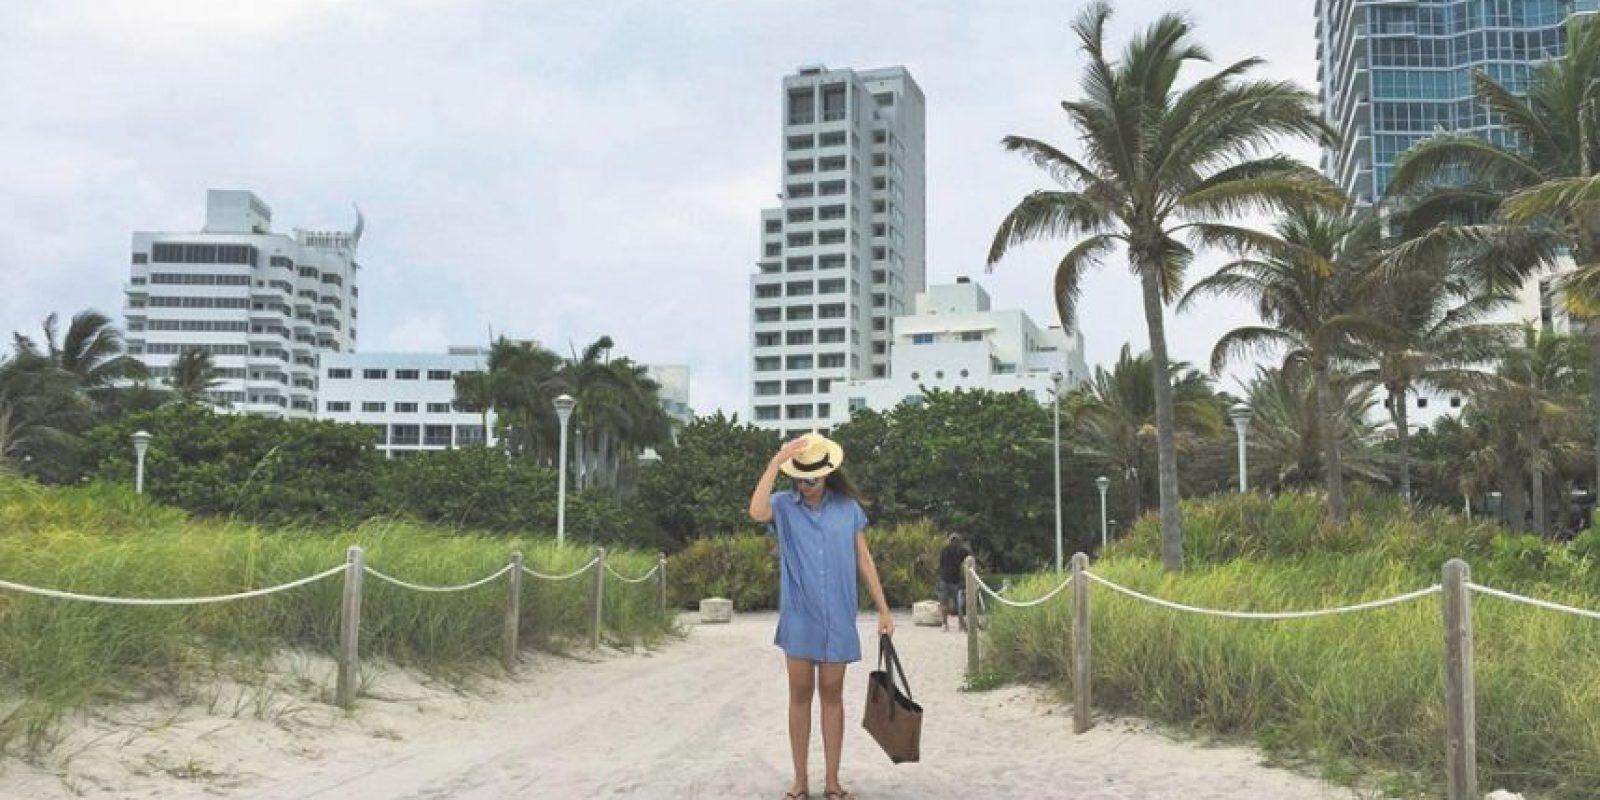 Tarde en Miami Beach. Foto:Fuente externa